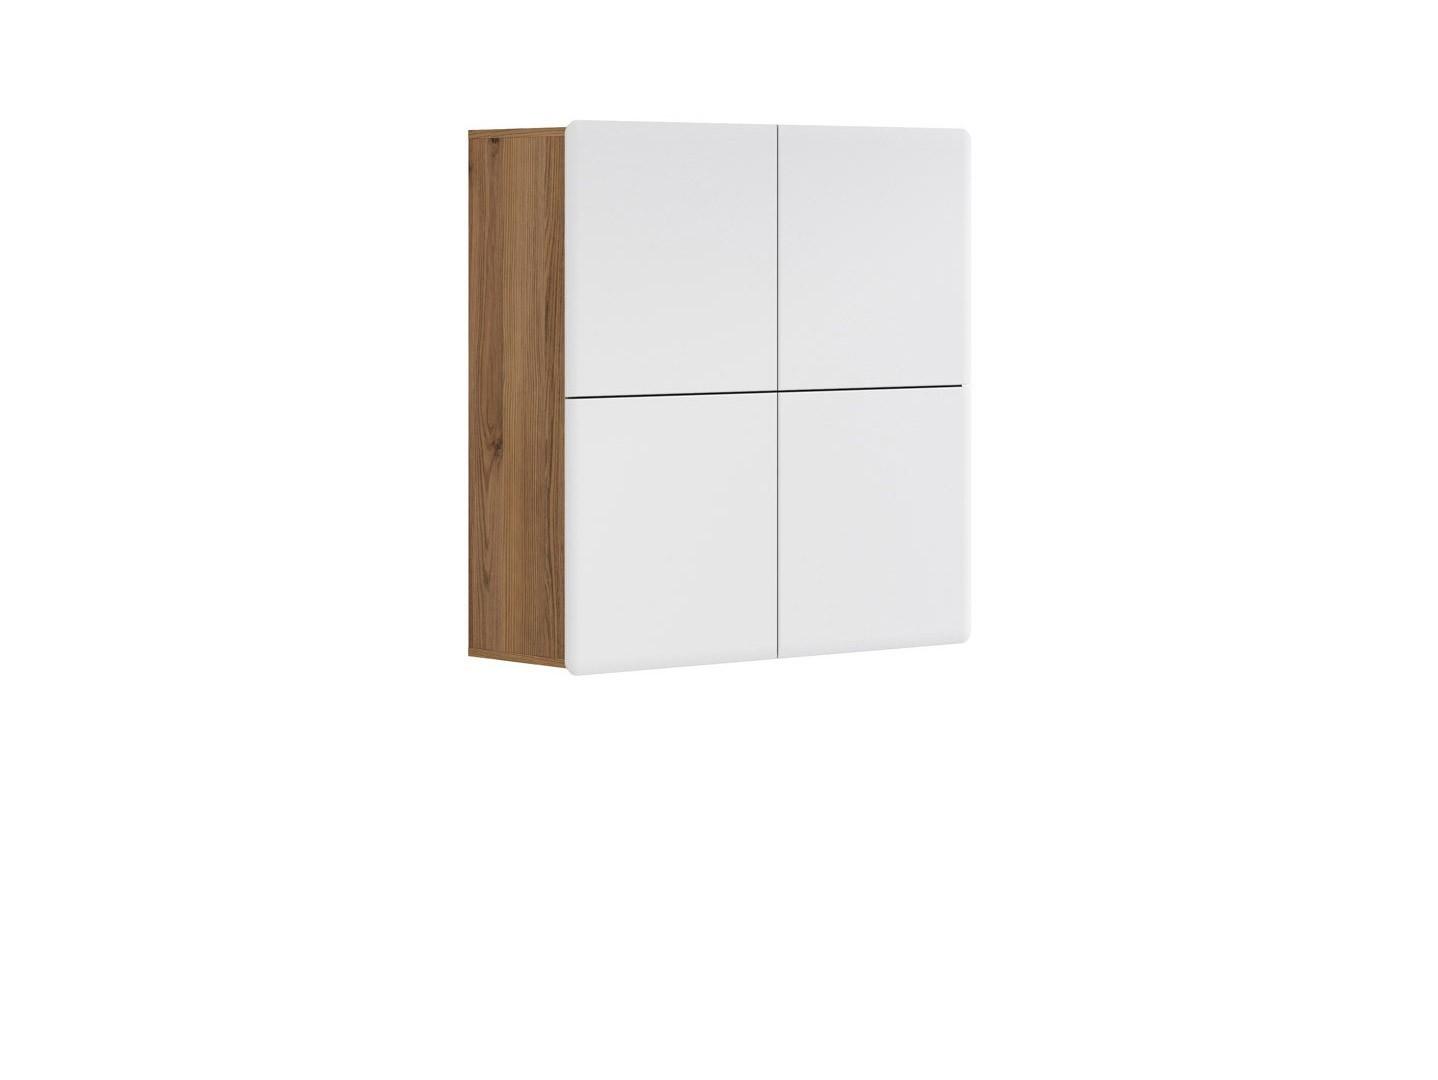 Skrinka na stenu - BRW - Possi Light - SFK4D 10/10 (smrekovec sibiu zlatý + lesk biely). Sme autorizovaný predajca Black Red White. Vlastná spoľahlivá doprava až k Vám domov.